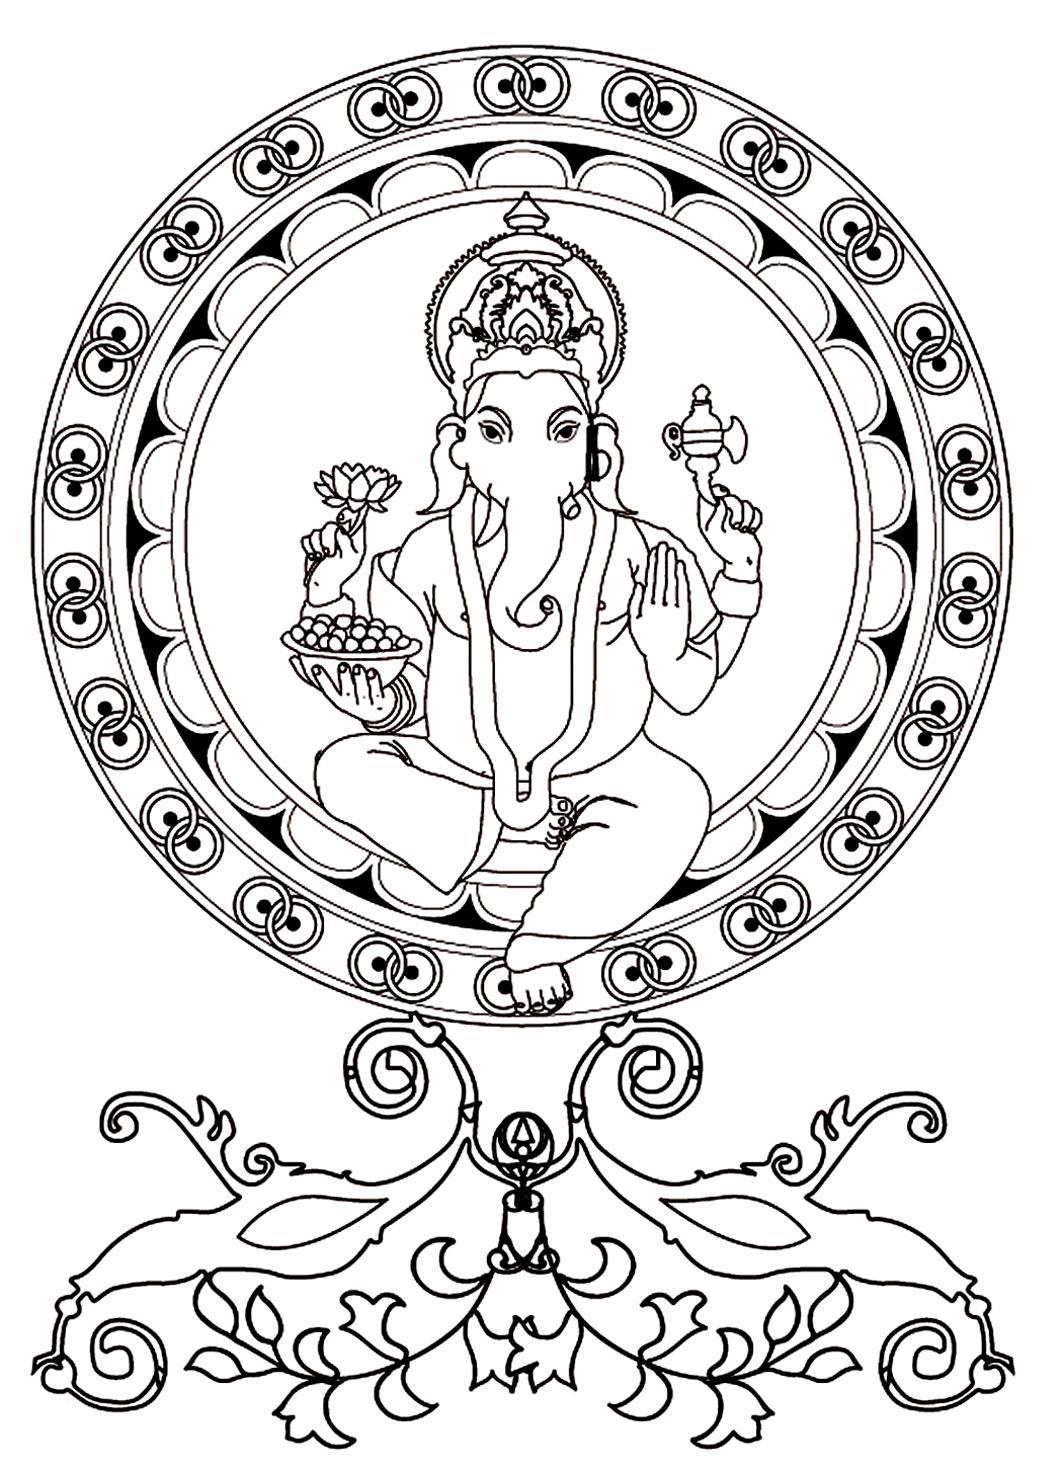 Disegni da colorare per adulti : India e bollywood - 7